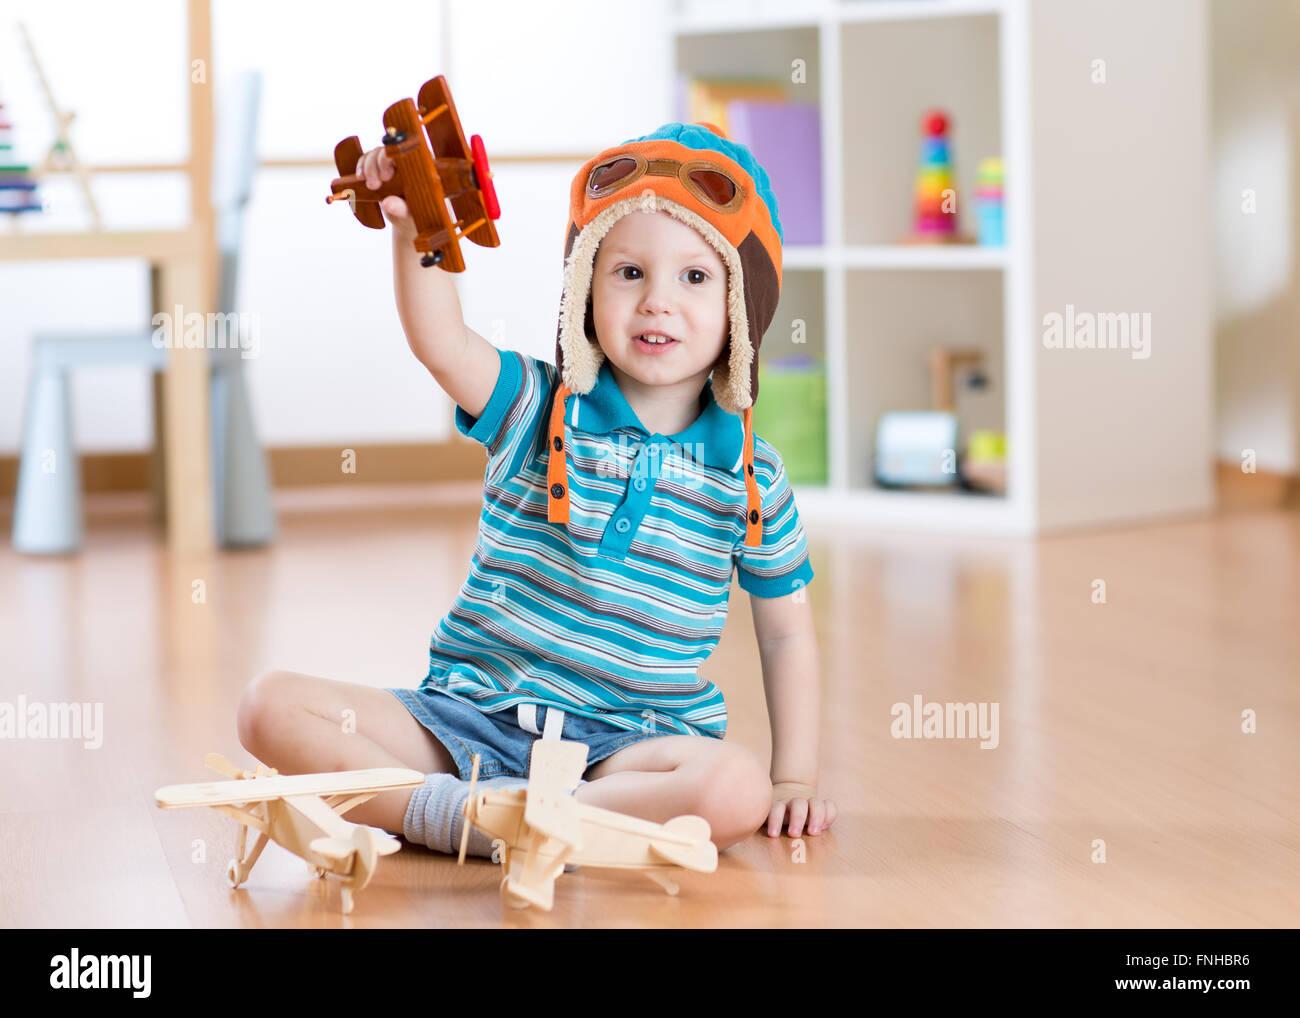 Glückliches Kind spielen mit Spielzeugflugzeug zu Hause Stockbild